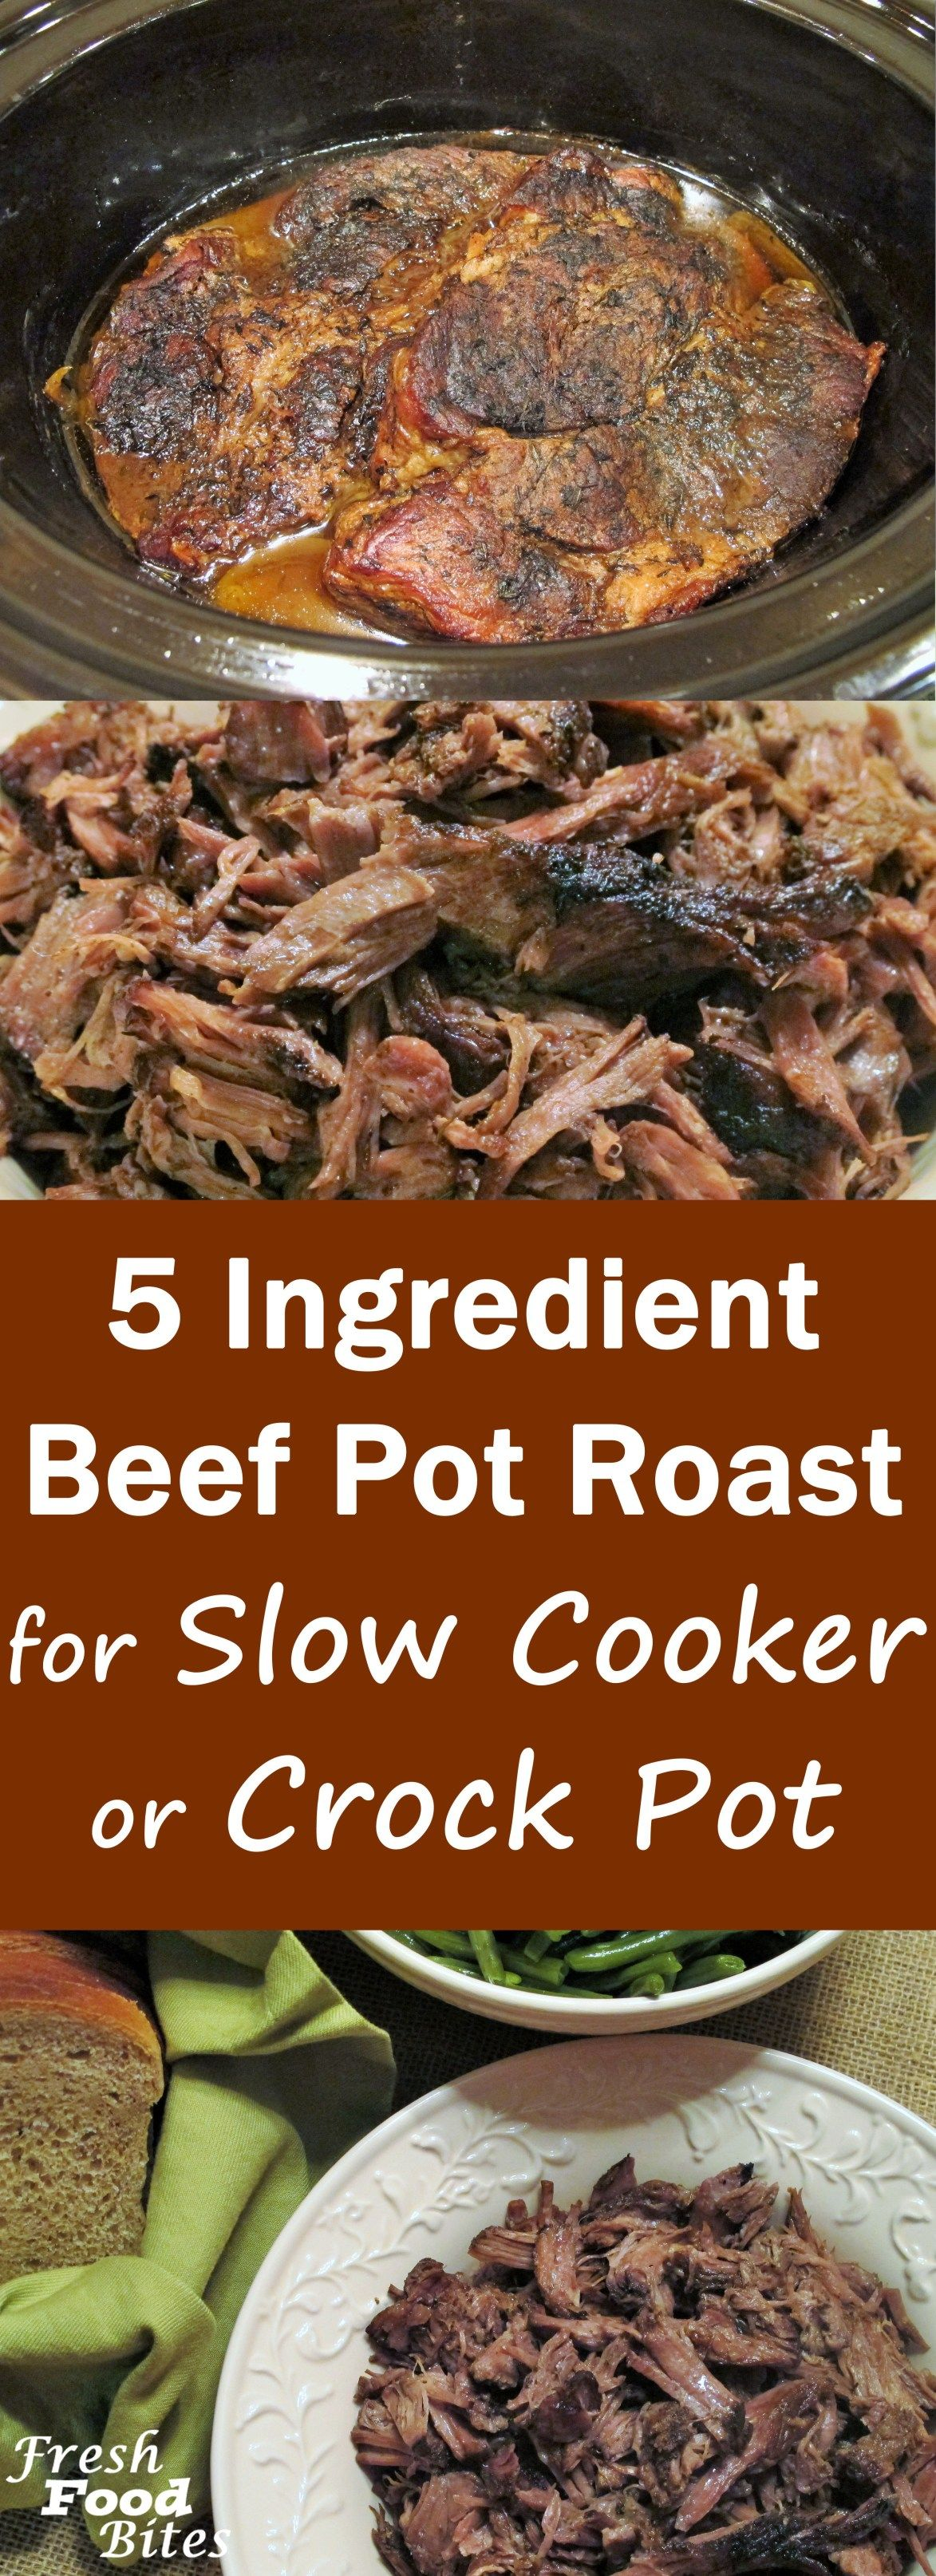 5 Ingredient Beef Pot Roast (Instant Pot or Slow Cooker